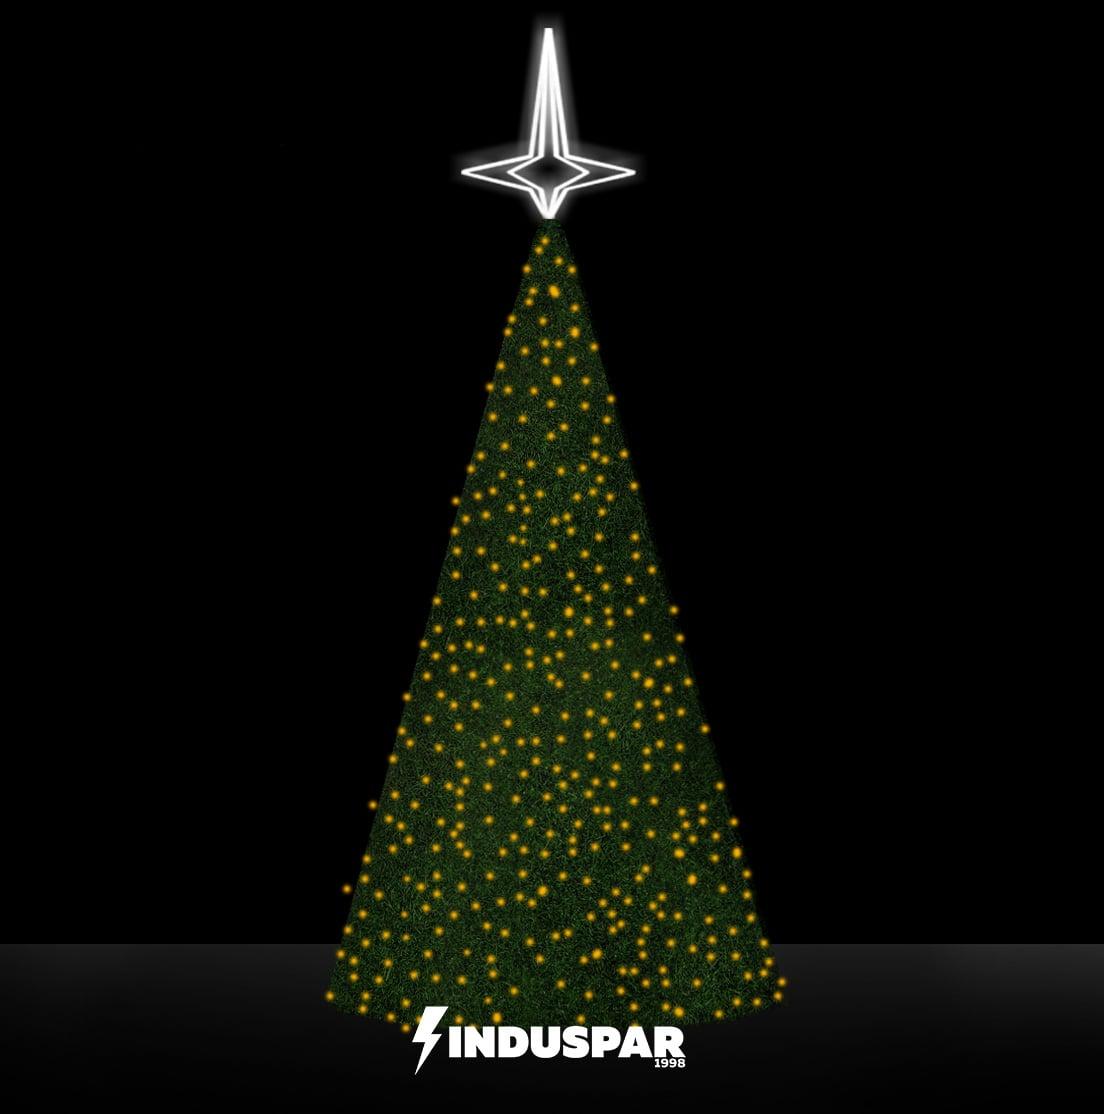 AR-040 - Estrutura Metálica de Árvore de Natal Modular com Revestimento